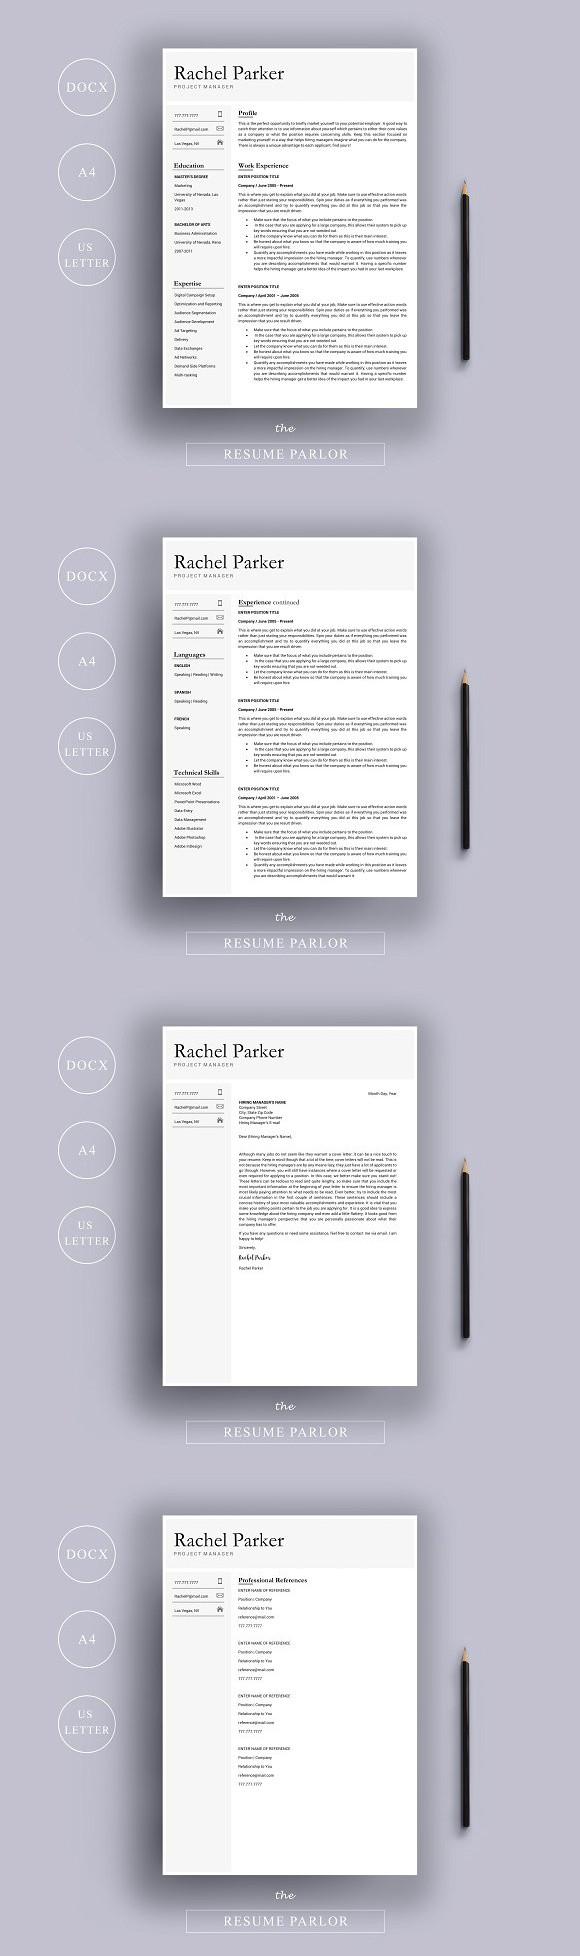 Resume 4 Page A4 + US Letter. Nursing Resume. 15.00